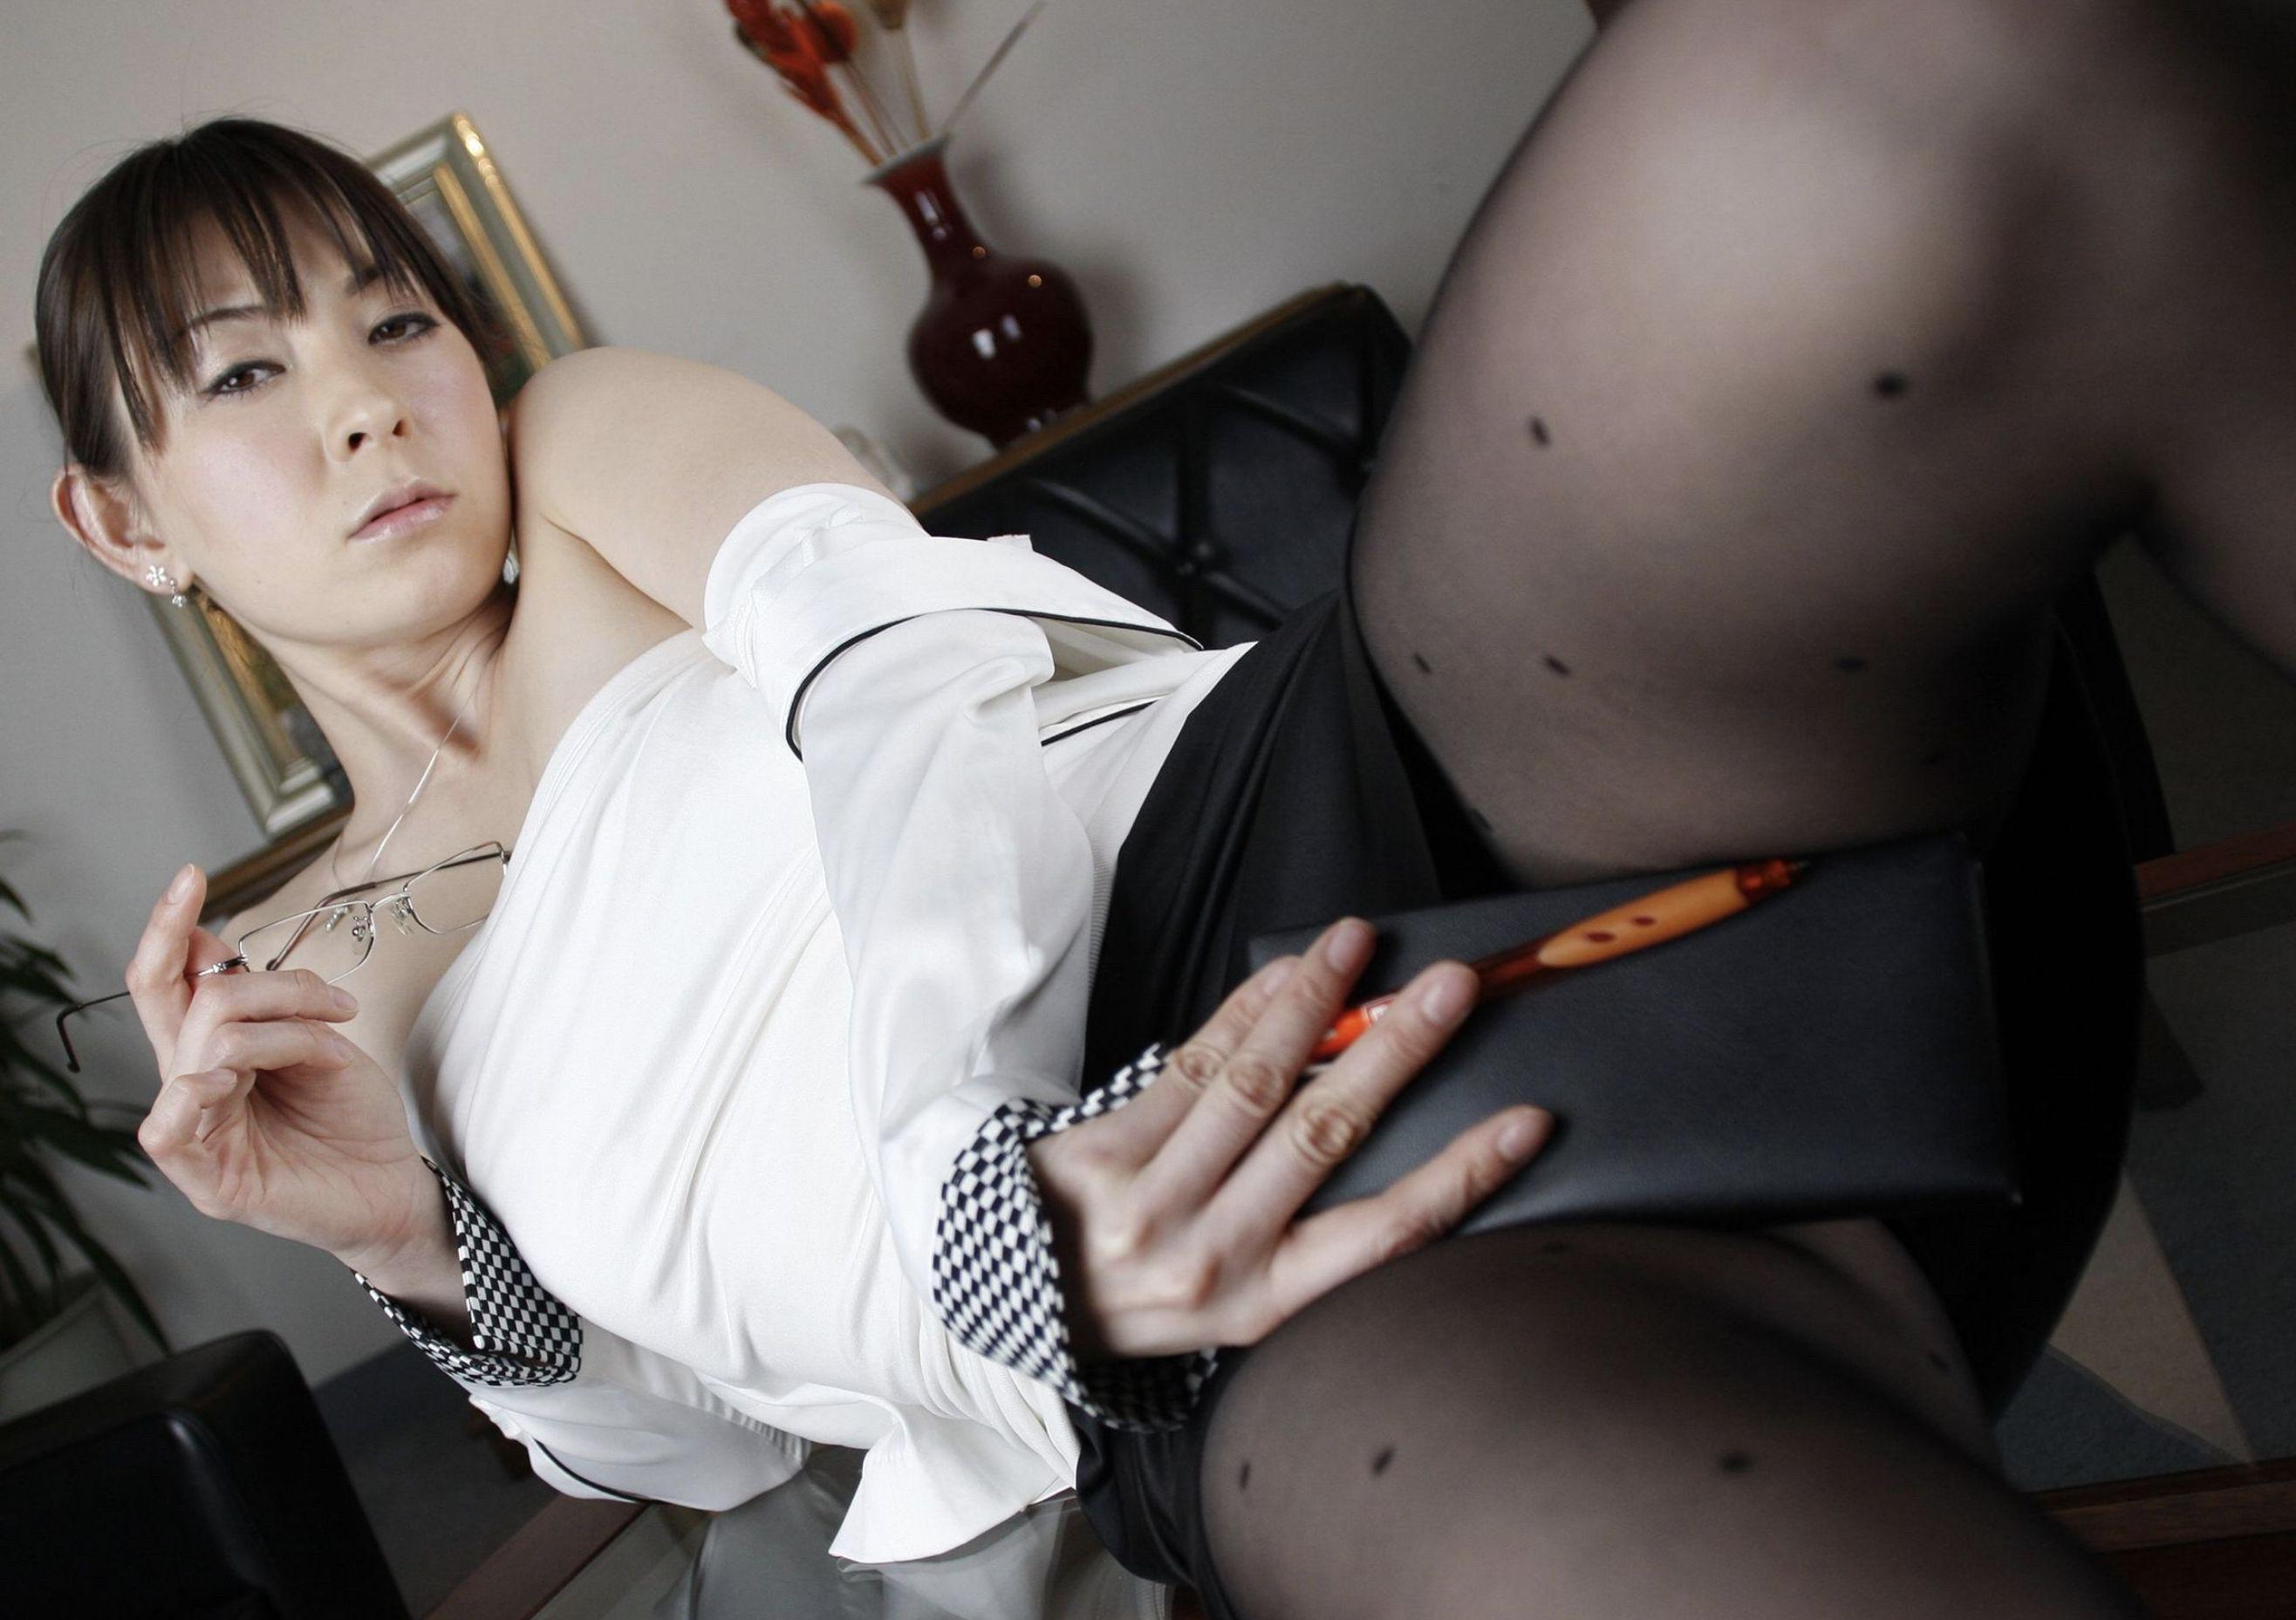 欲求不満の熟女教師 北条麻妃・柳田やよい・光月夜也 濃密グラビア写真集 090